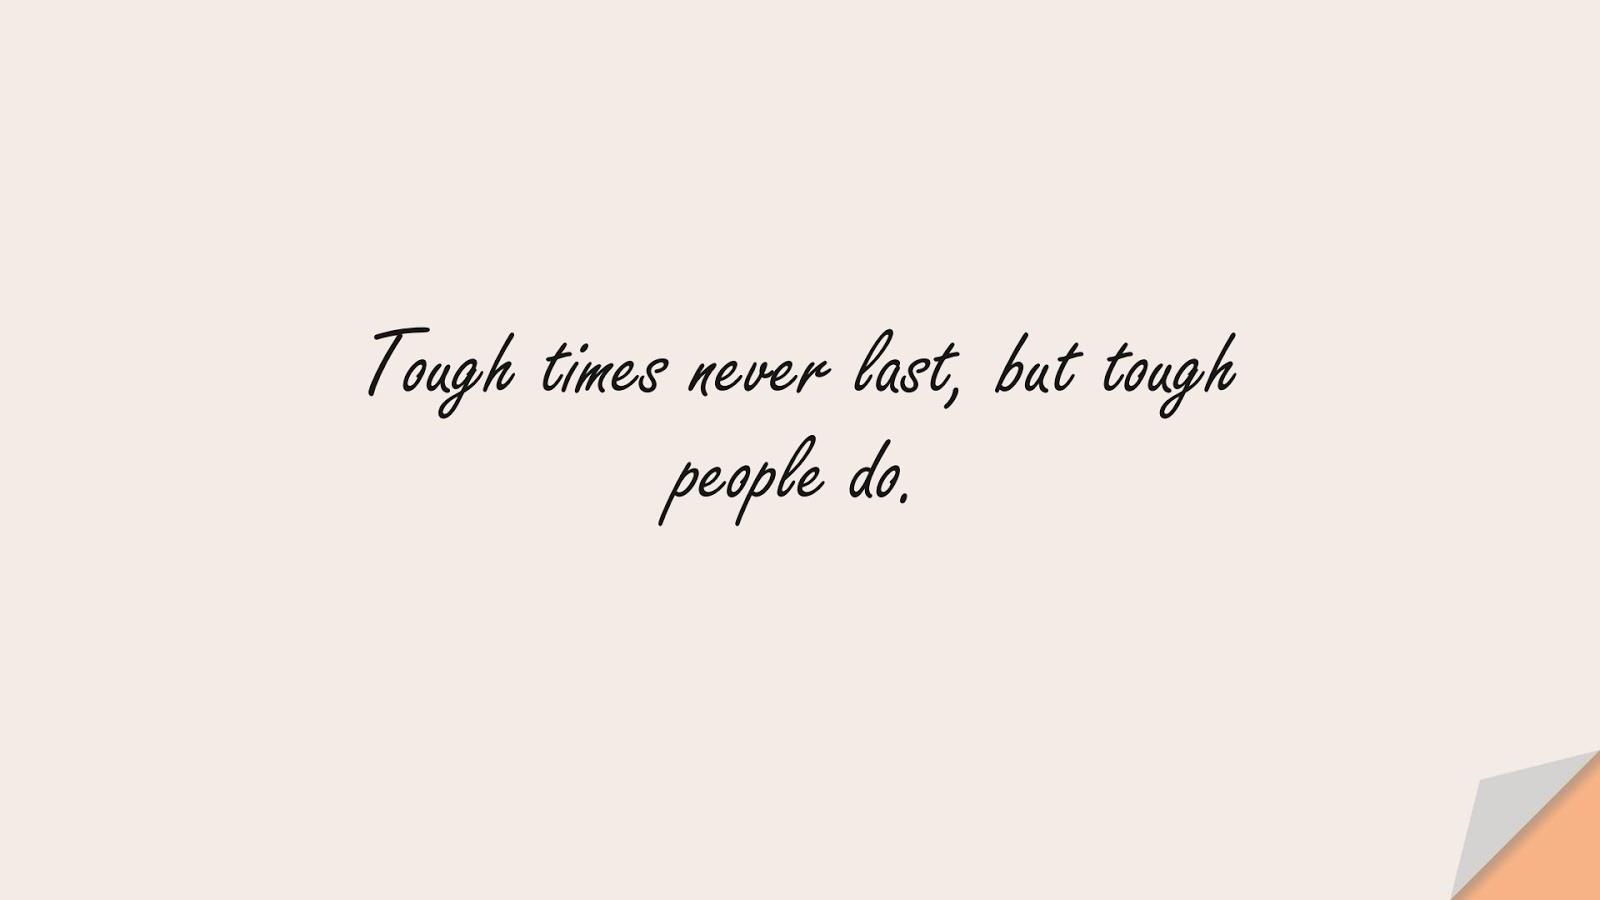 Tough times never last, but tough people do.FALSE